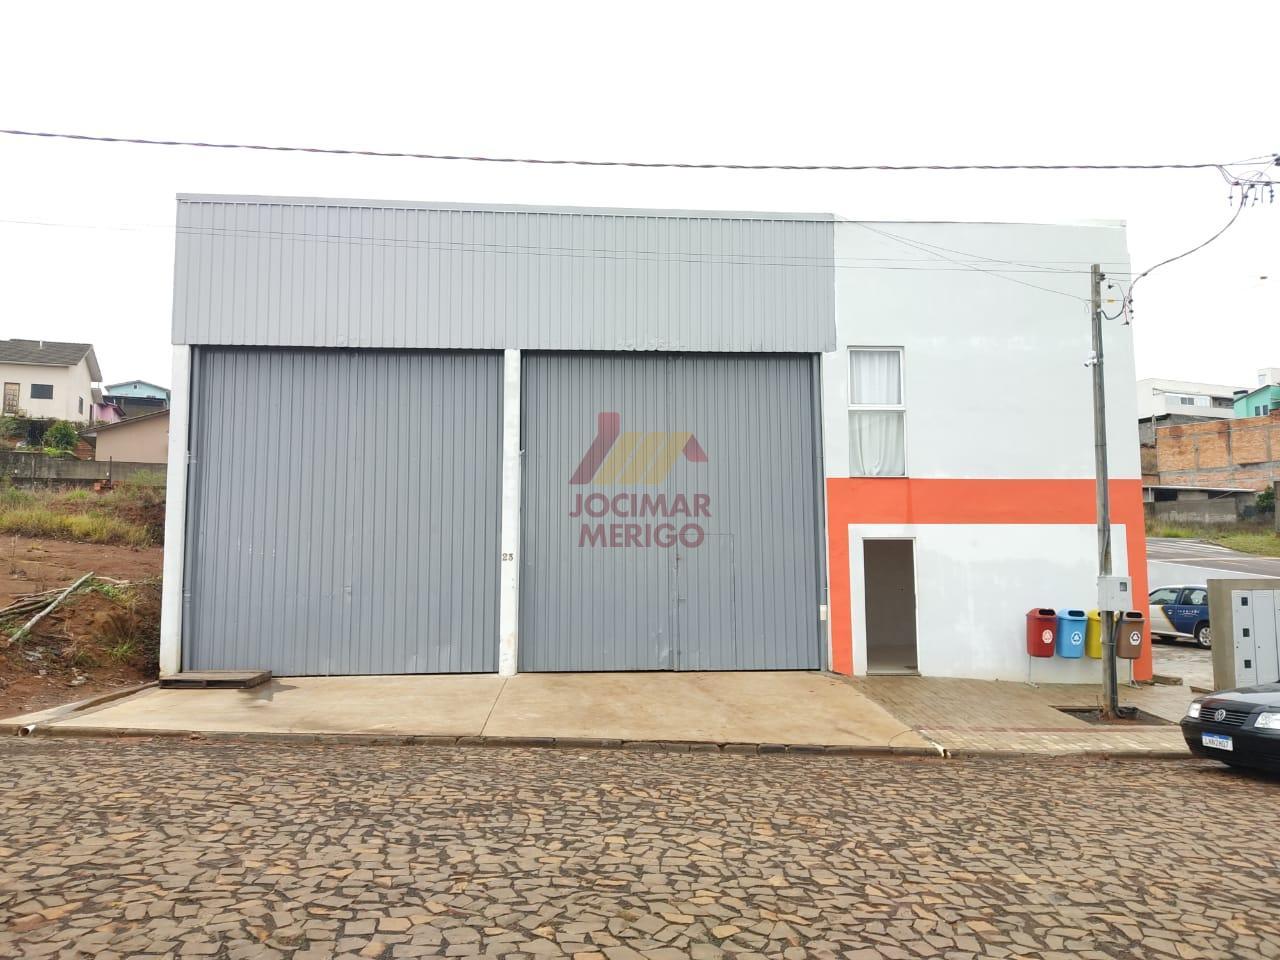 Barracão à venda com 150 m² e 4 kitnets em anexo com 50 m² cada